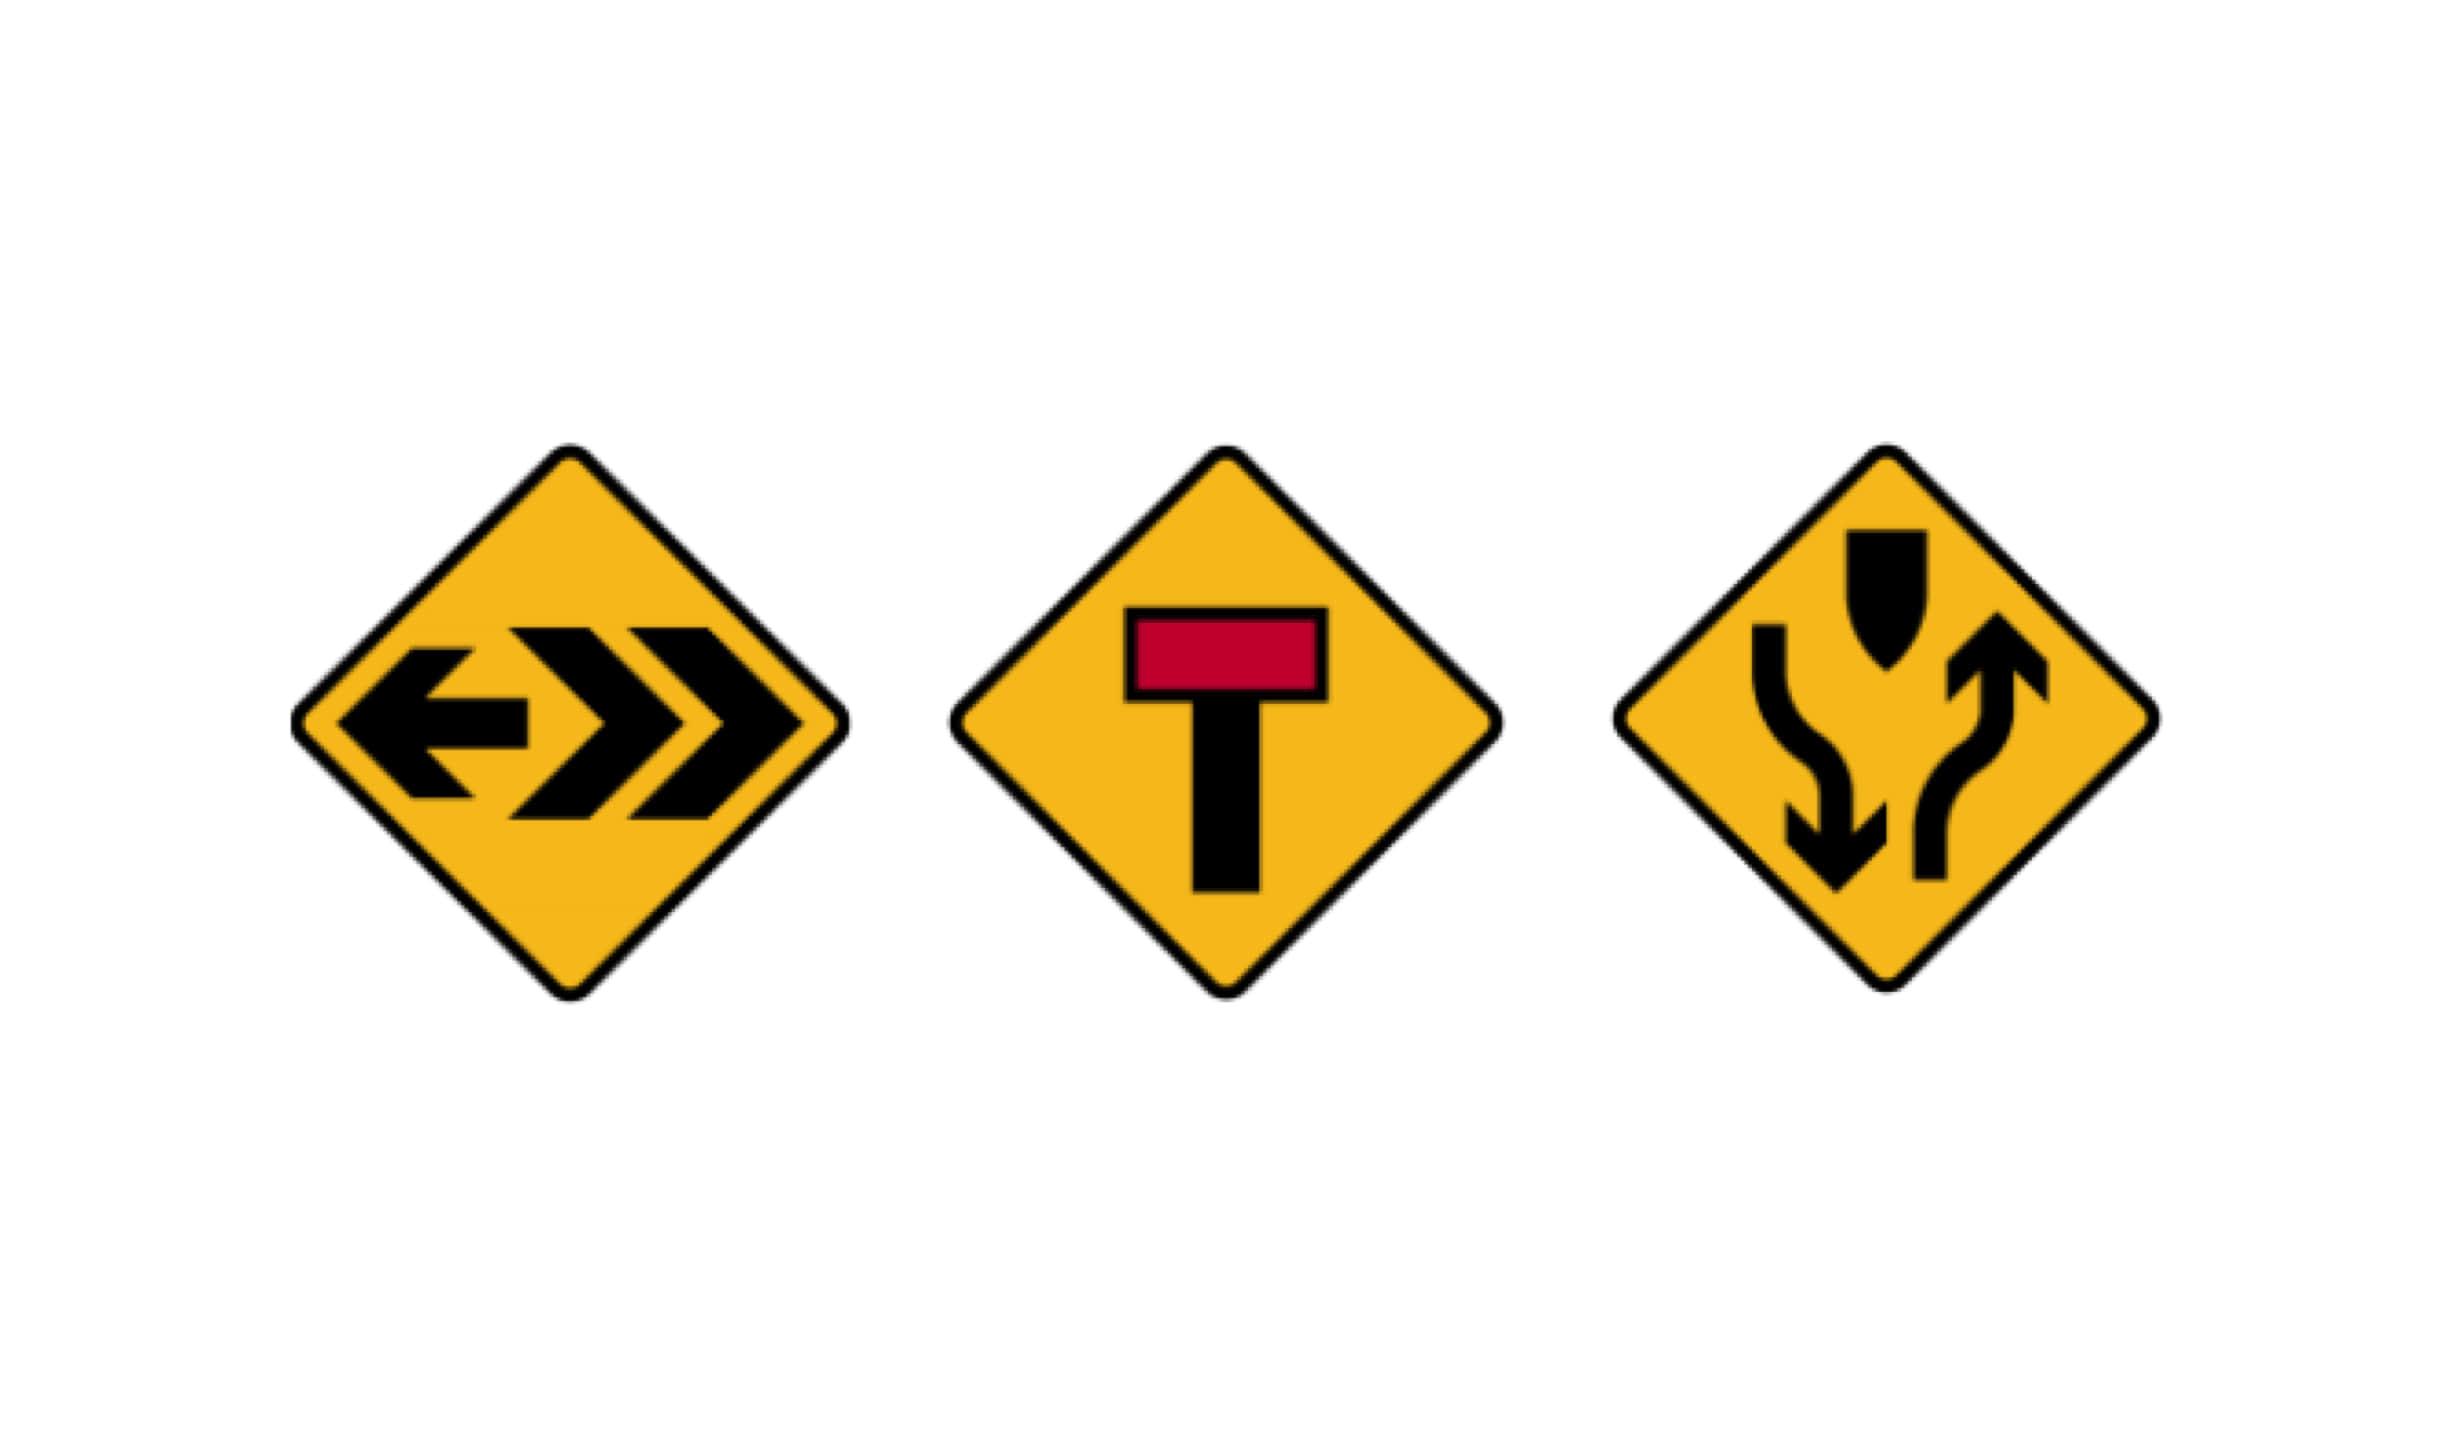 Conoce las señales preventivas y cómo te advierten de un peligro al conducir